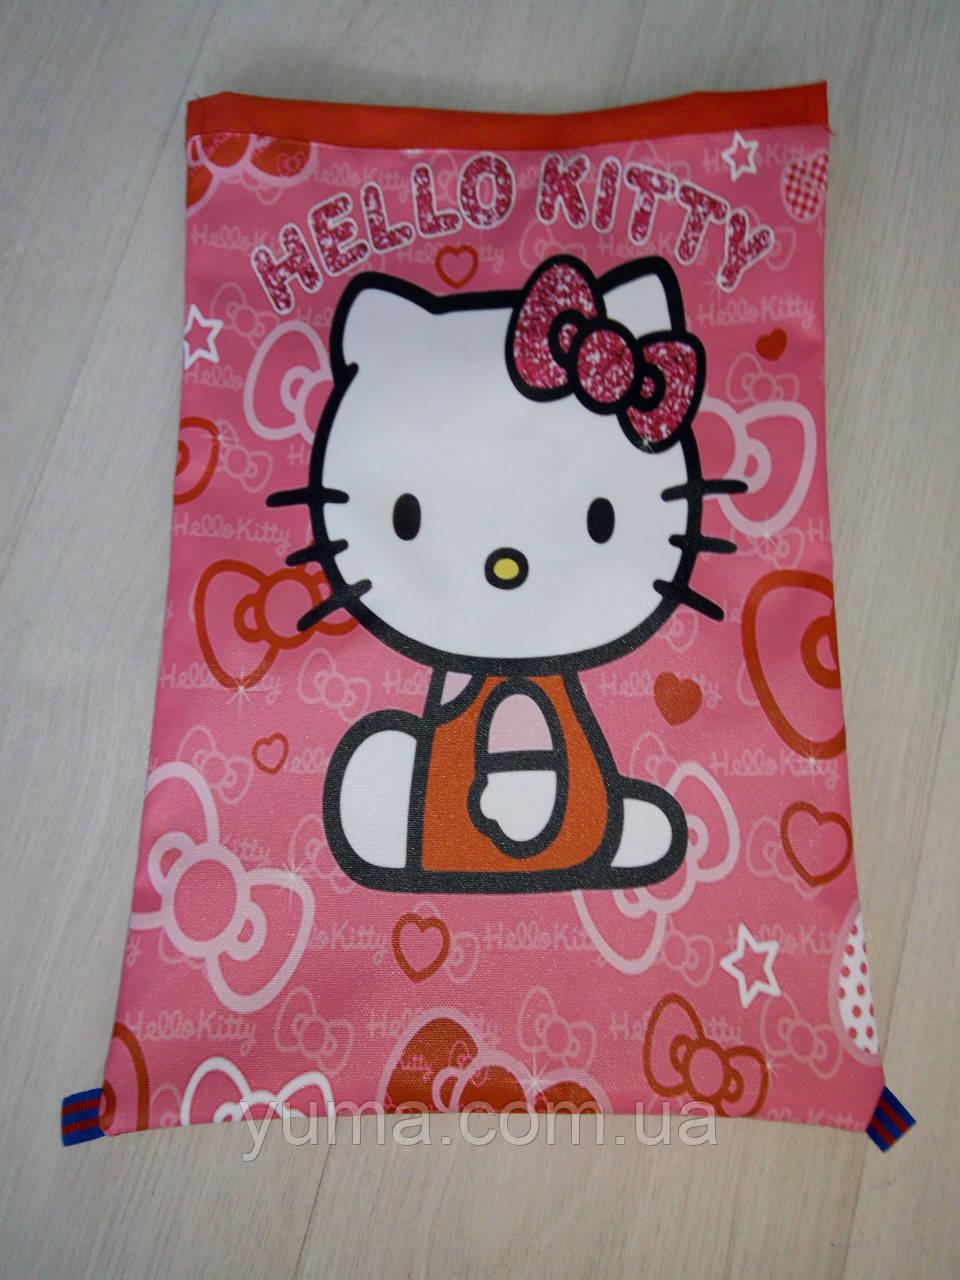 Рюкзак для сменной обуви на шнурках девочкам с рисунком  Хелло китти  9